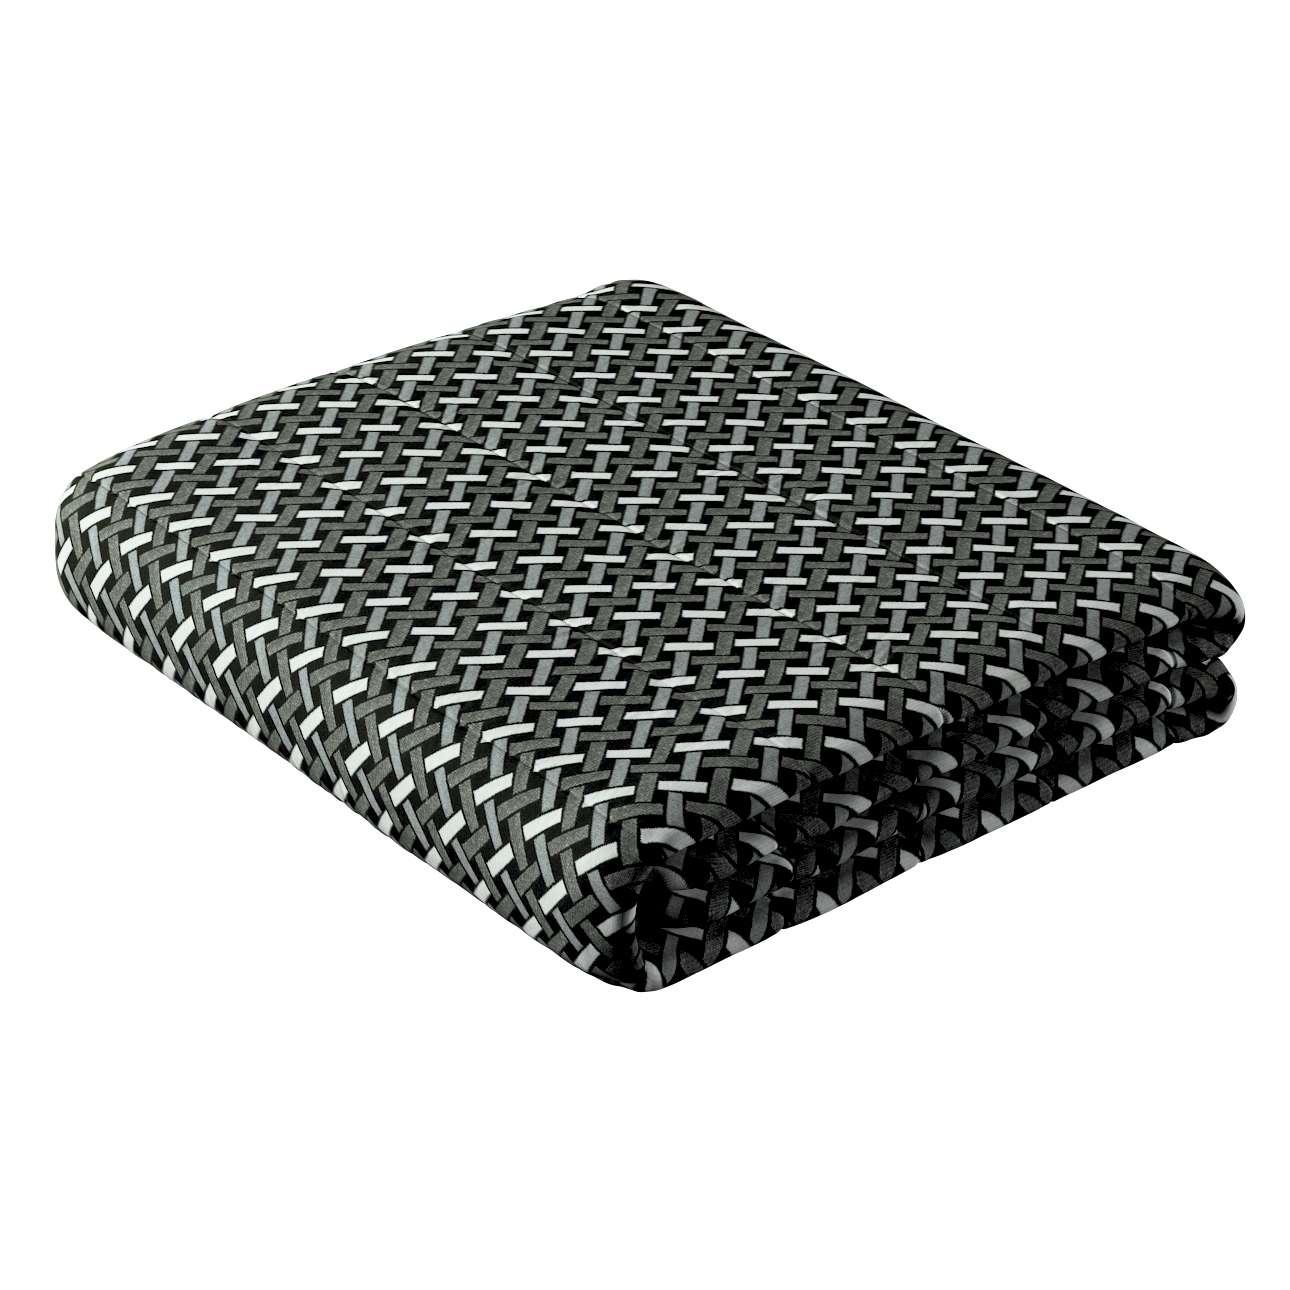 Narzuta pikowana w pasy w kolekcji Black & White, tkanina: 142-87